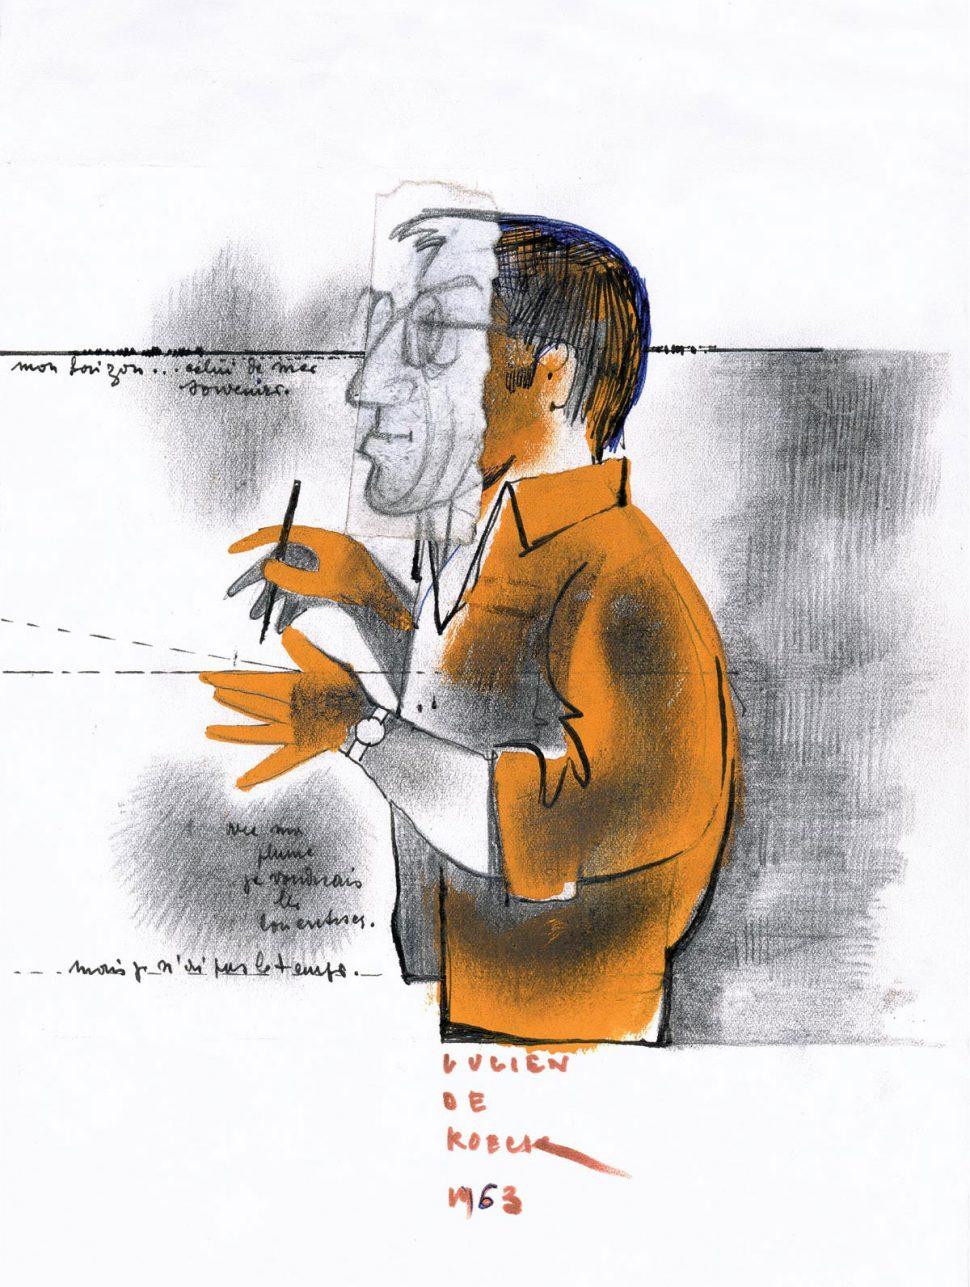 Zelfportret L. De Roeck 1963